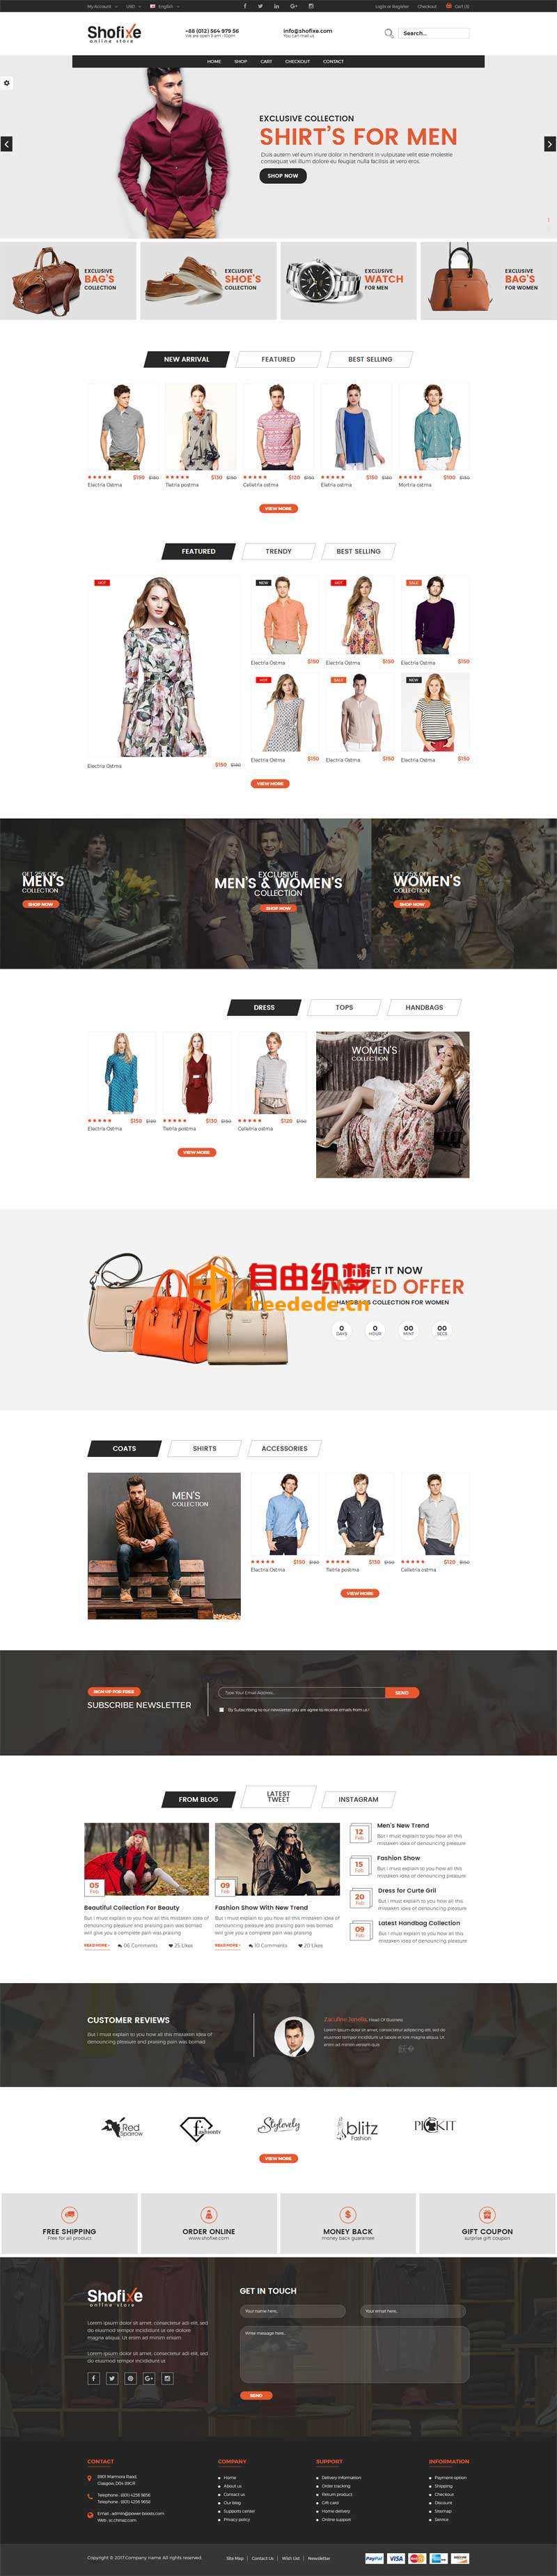 爱上源码网文章黑色的时尚品牌服装箱包购物商城模板html下载的内容插图